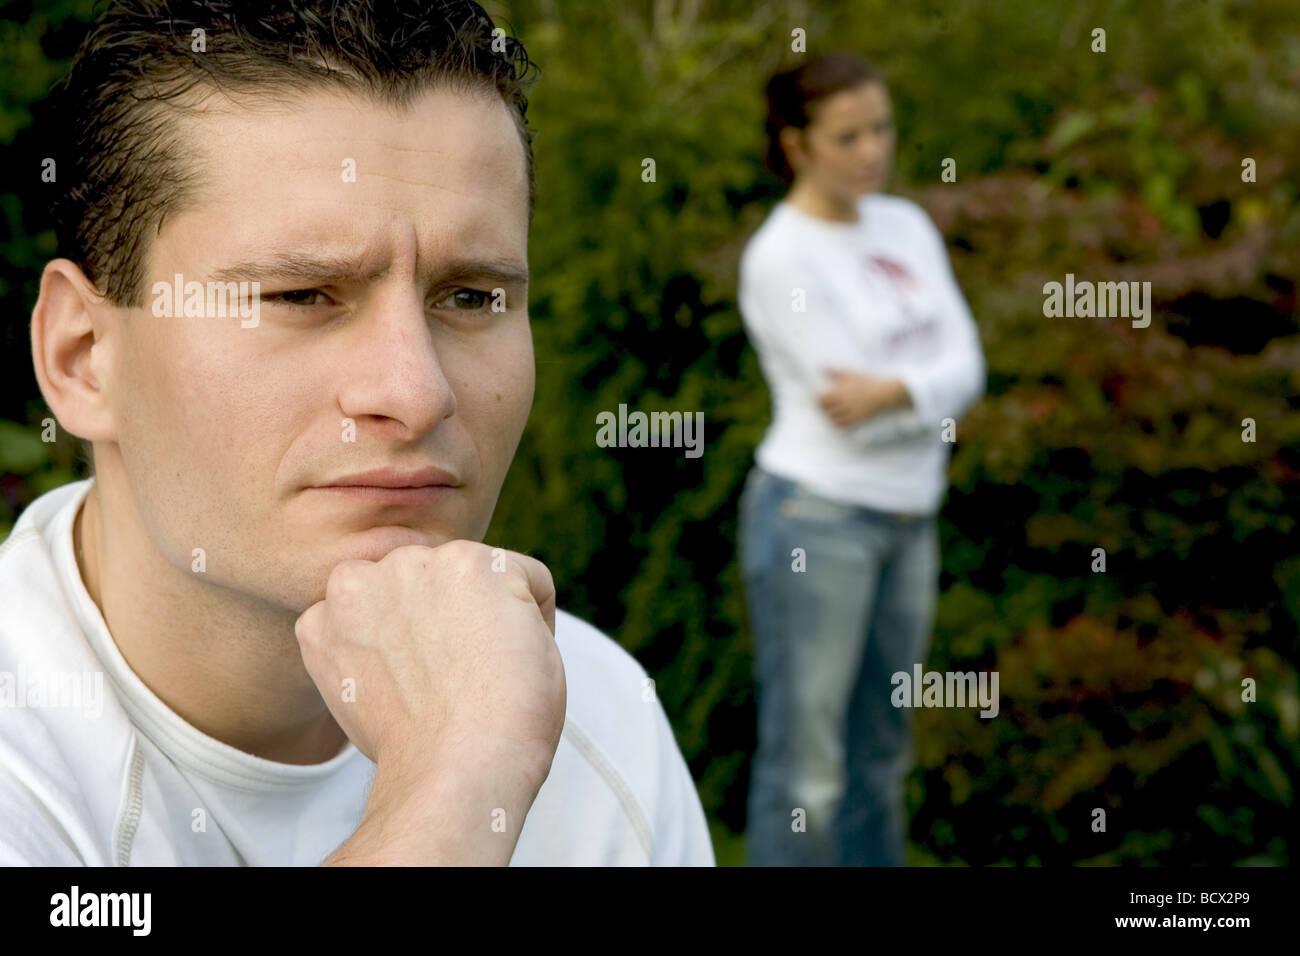 Les hommes et les difficultés du mariage visage têtu Photo Stock